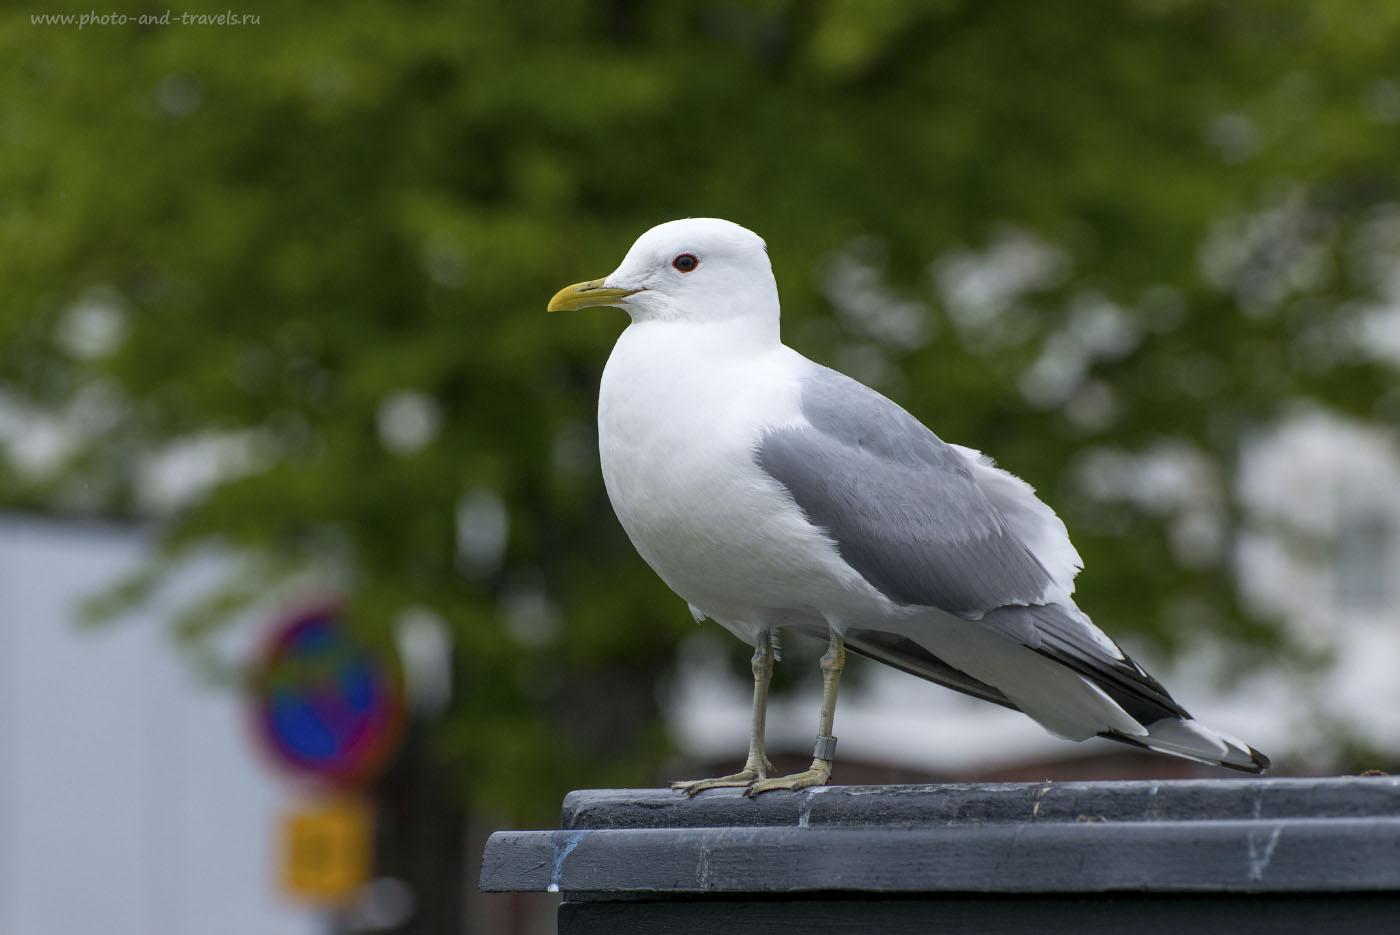 Фото 6. Фотоохота на птиц с зеркалкой Nikon D800 и телеобъективом Nikkor 70-300. 1/250, 0.67, f/8.0, 800, 180 мм.